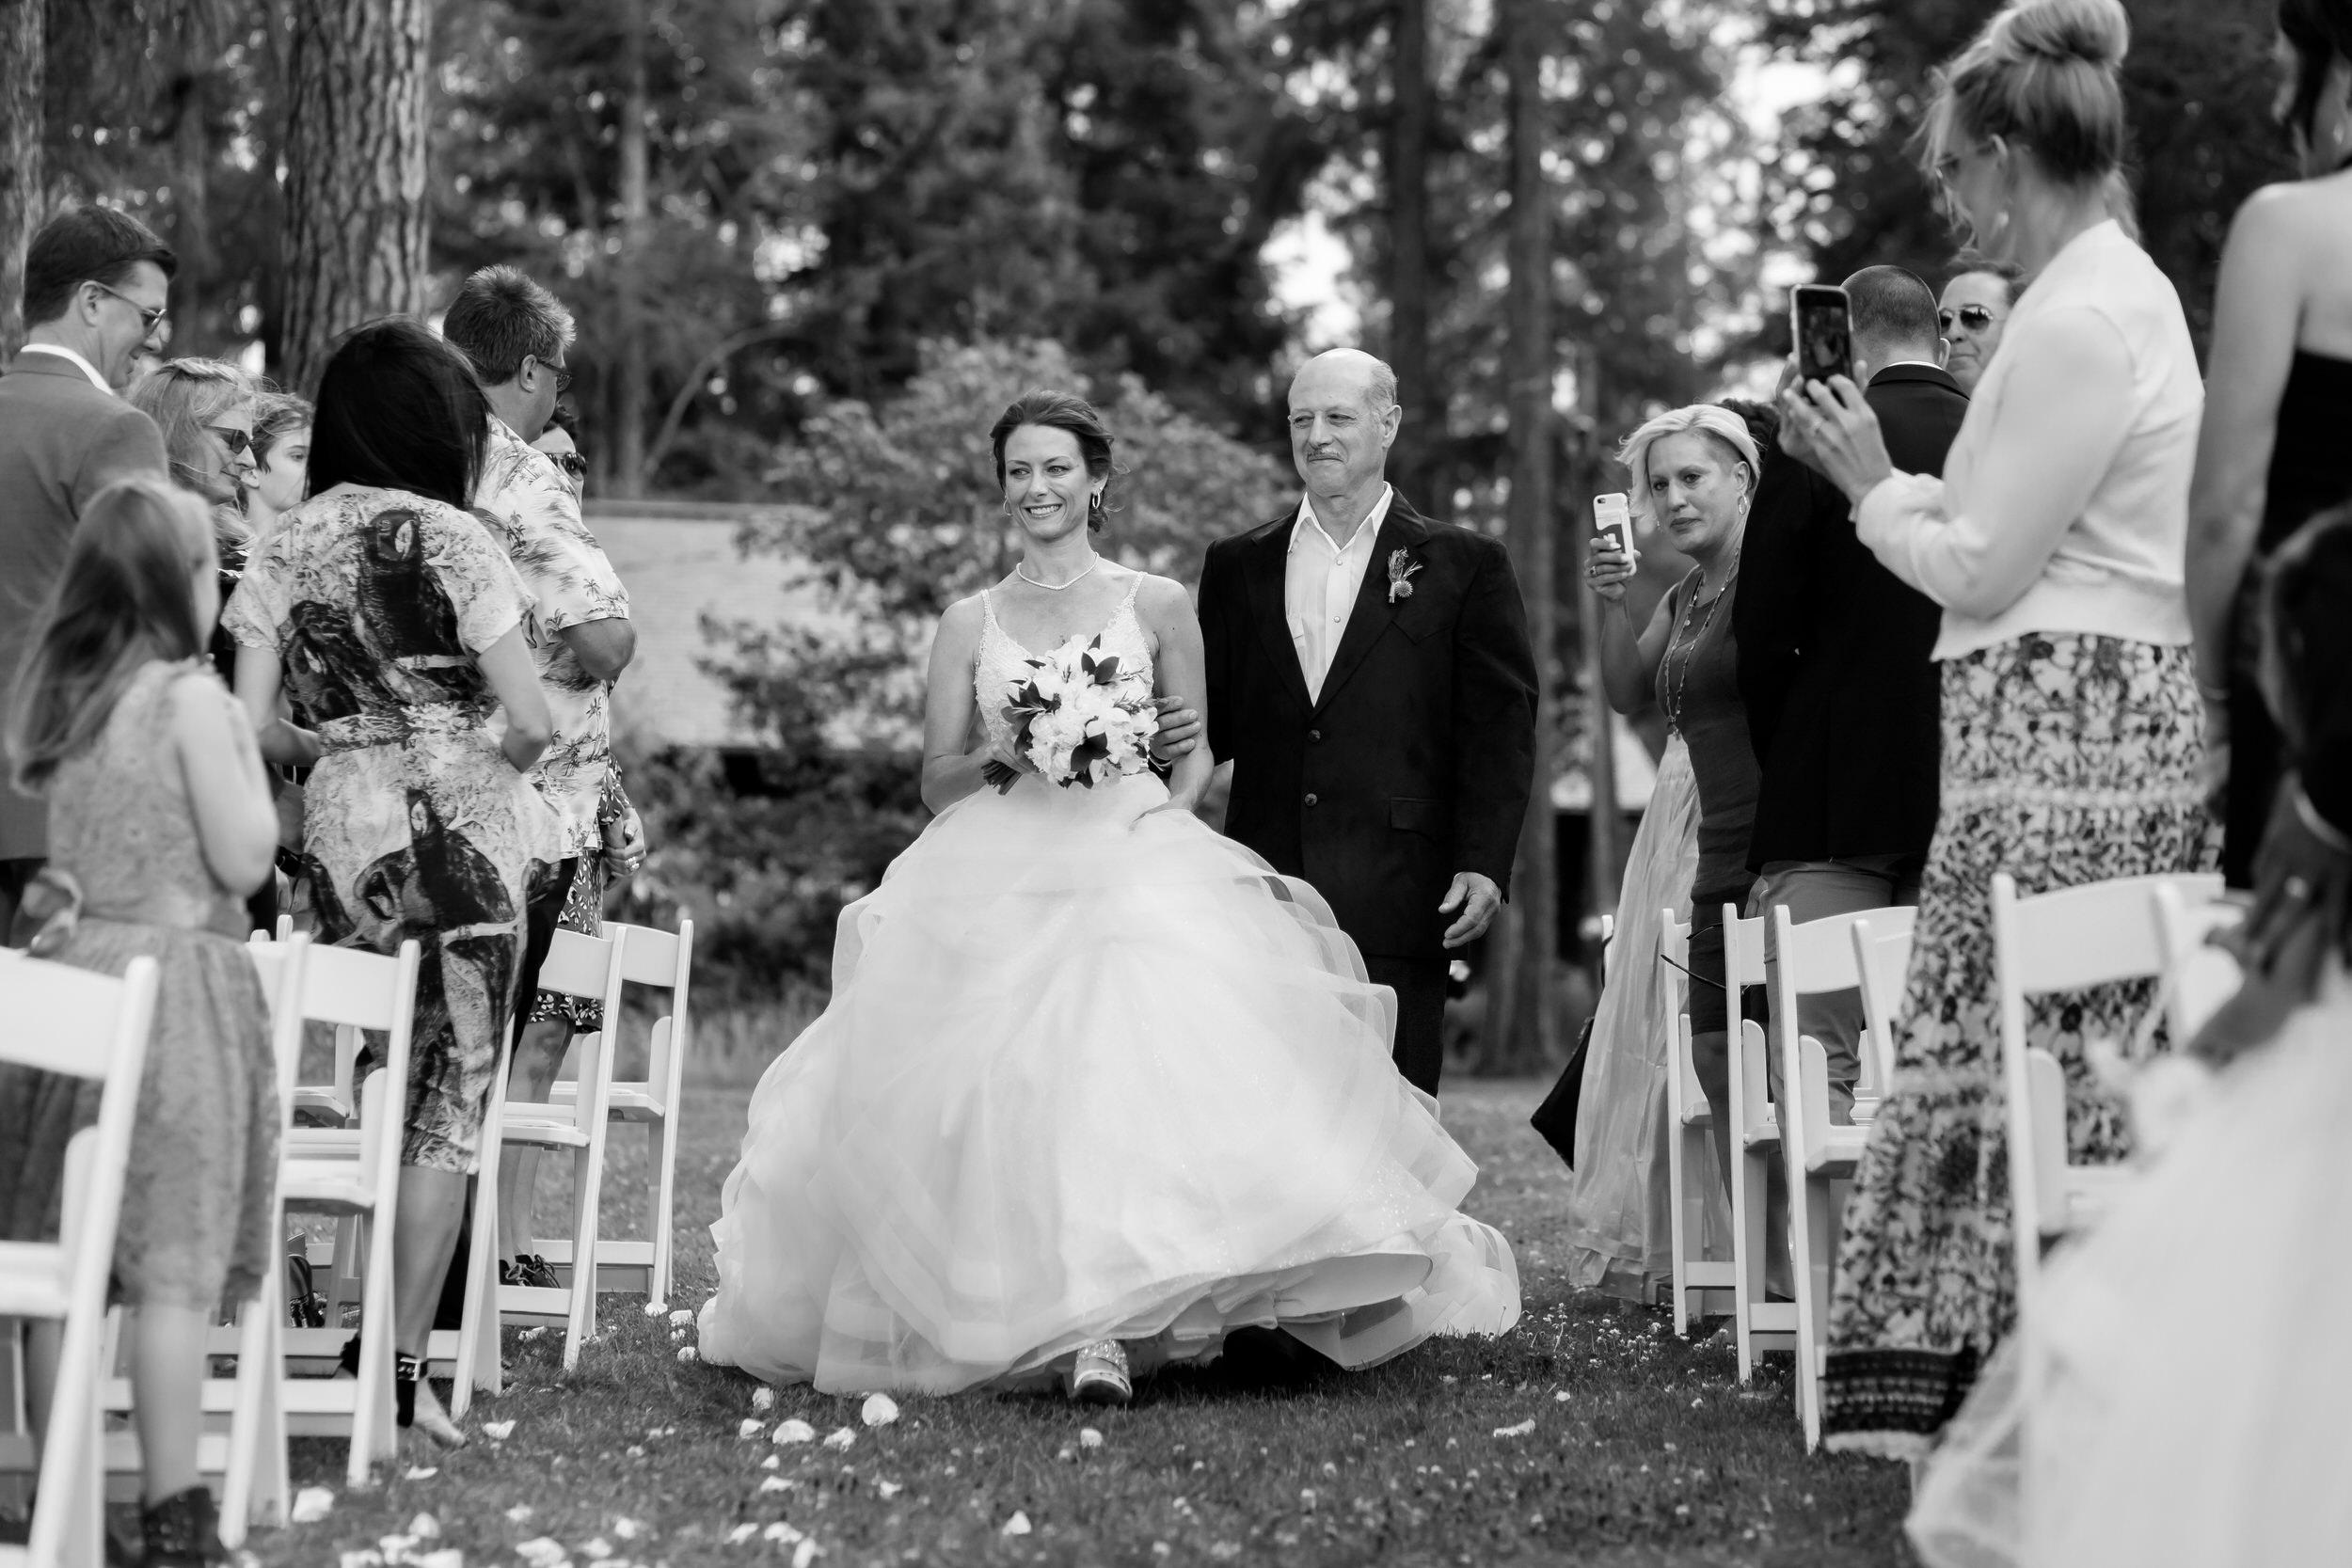 house_on_metolius_wedding_JL_014